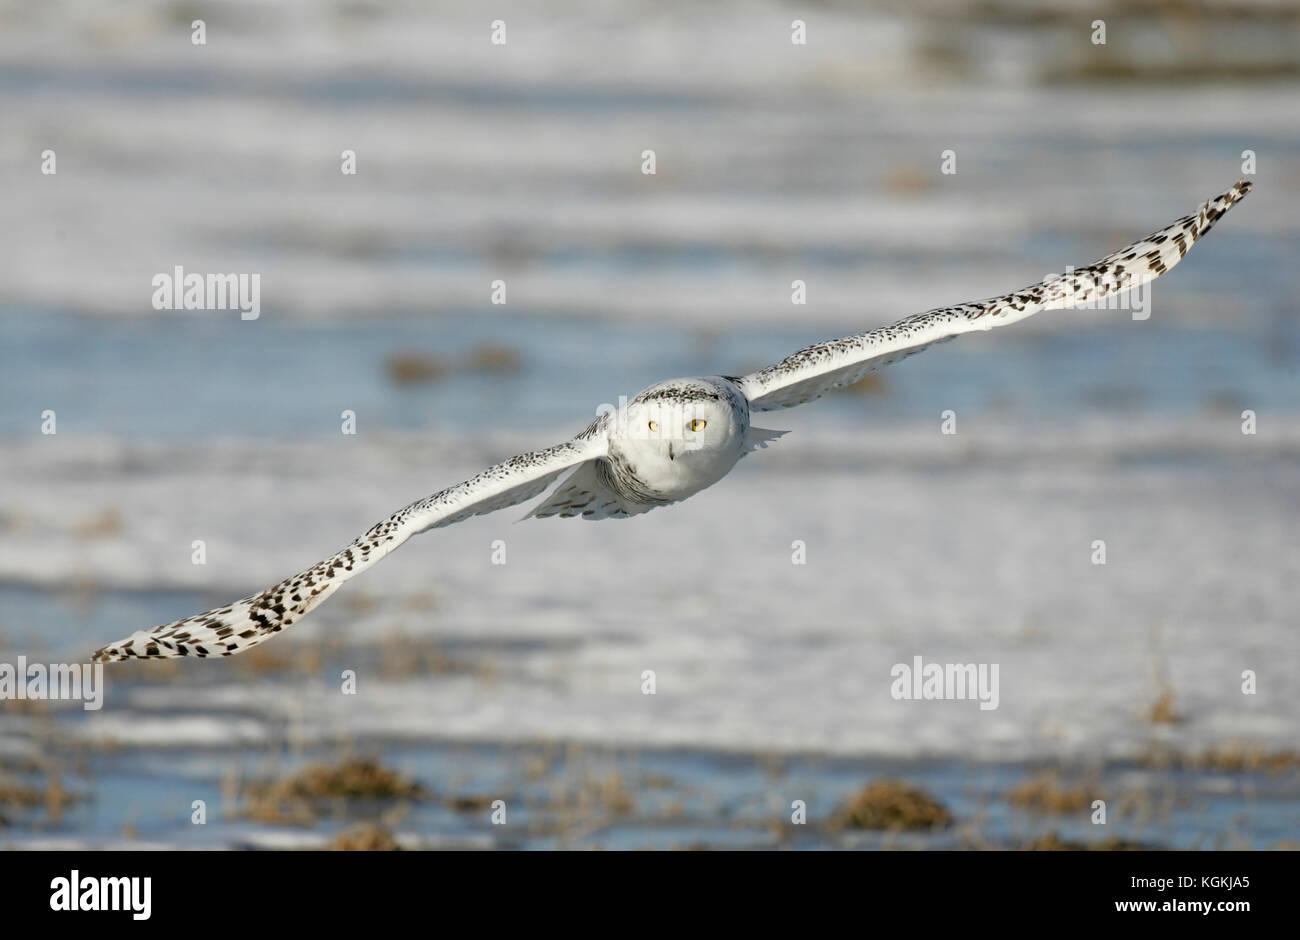 Eine Nahaufnahme Wildlife Action Schilderung einer Schneeeule fliegen mit Flügeln entfalteten, auf der Jagd Stockbild